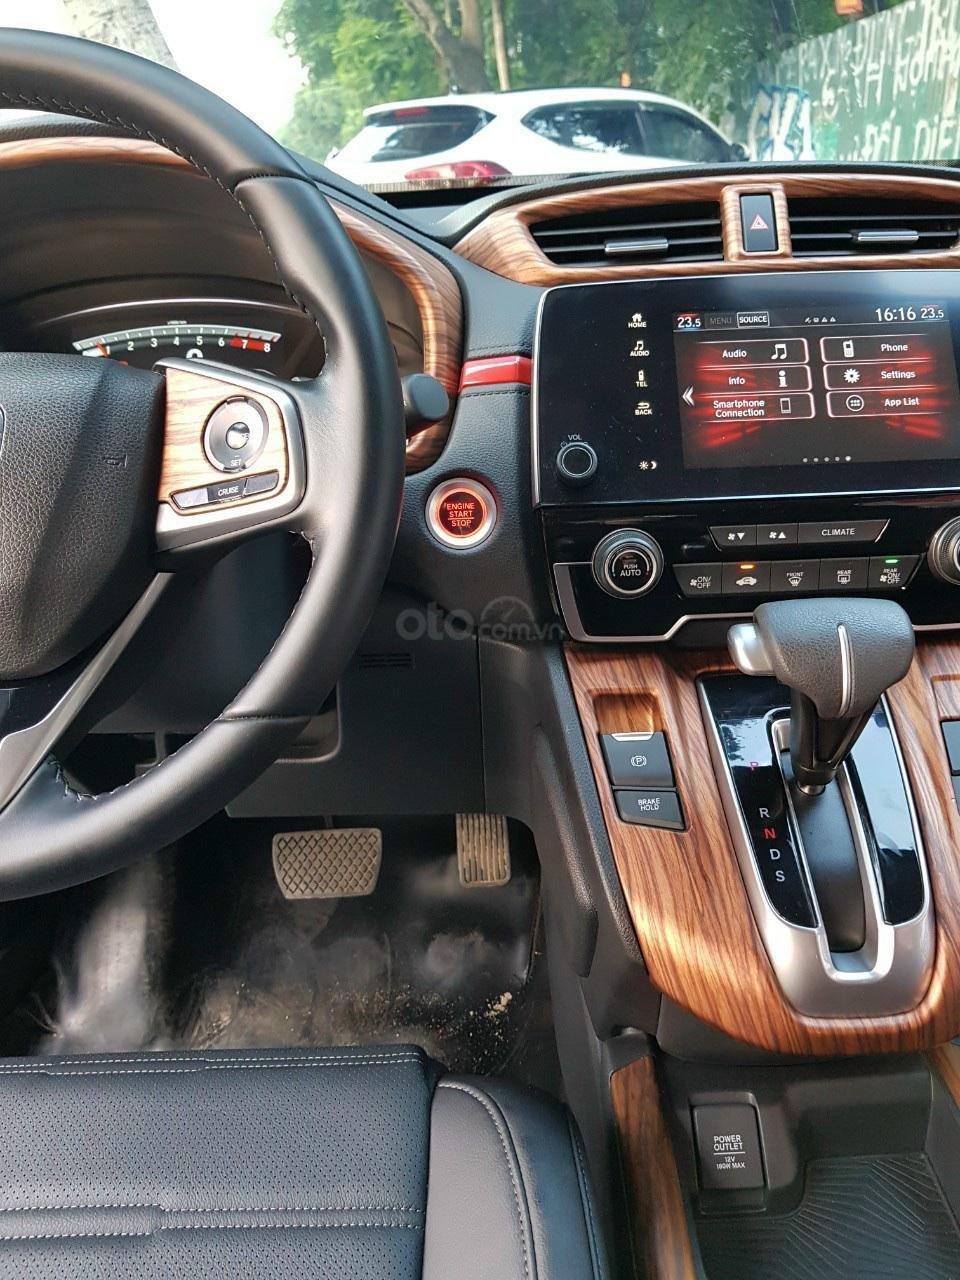 Honda CRV 1.5 Turbo bản L nhập khẩu nguyên chiếc đăng ký 2019, xe tư nhân (10)